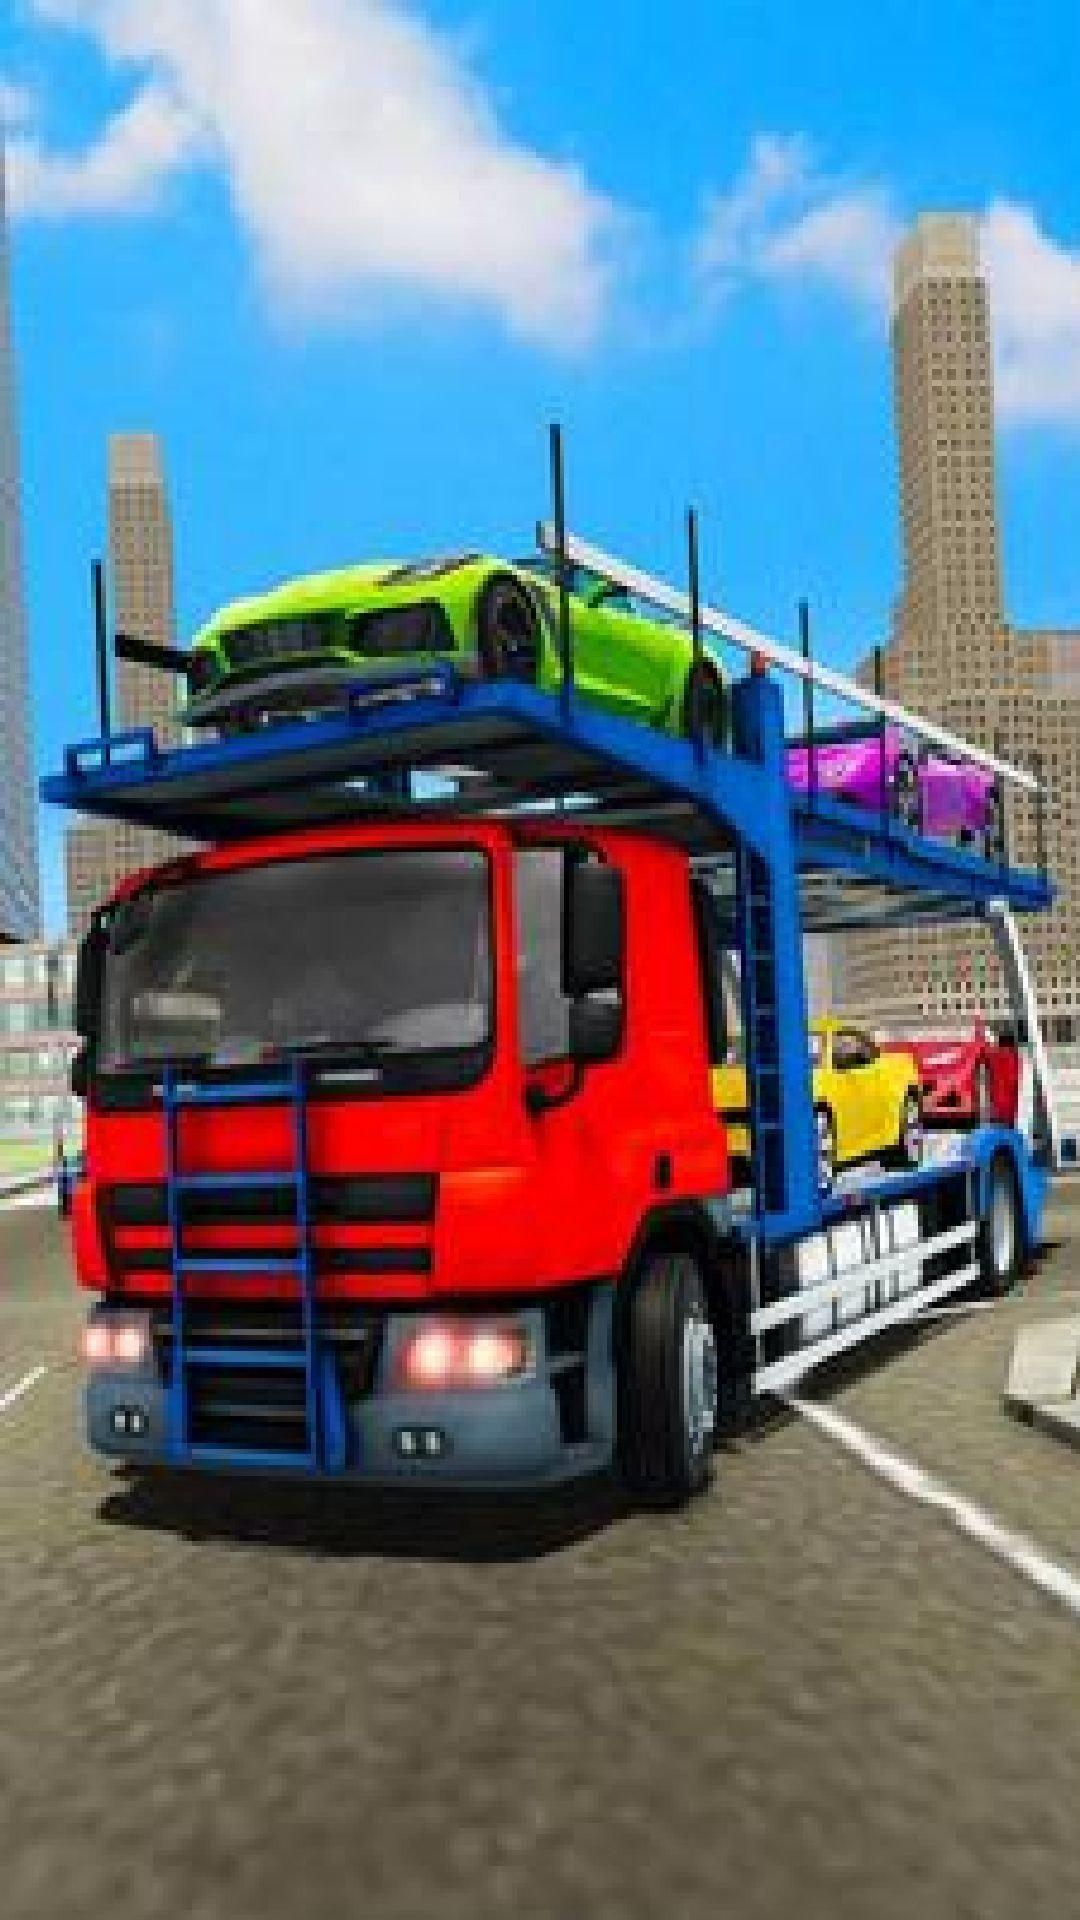 多卡车汽车运输游戏